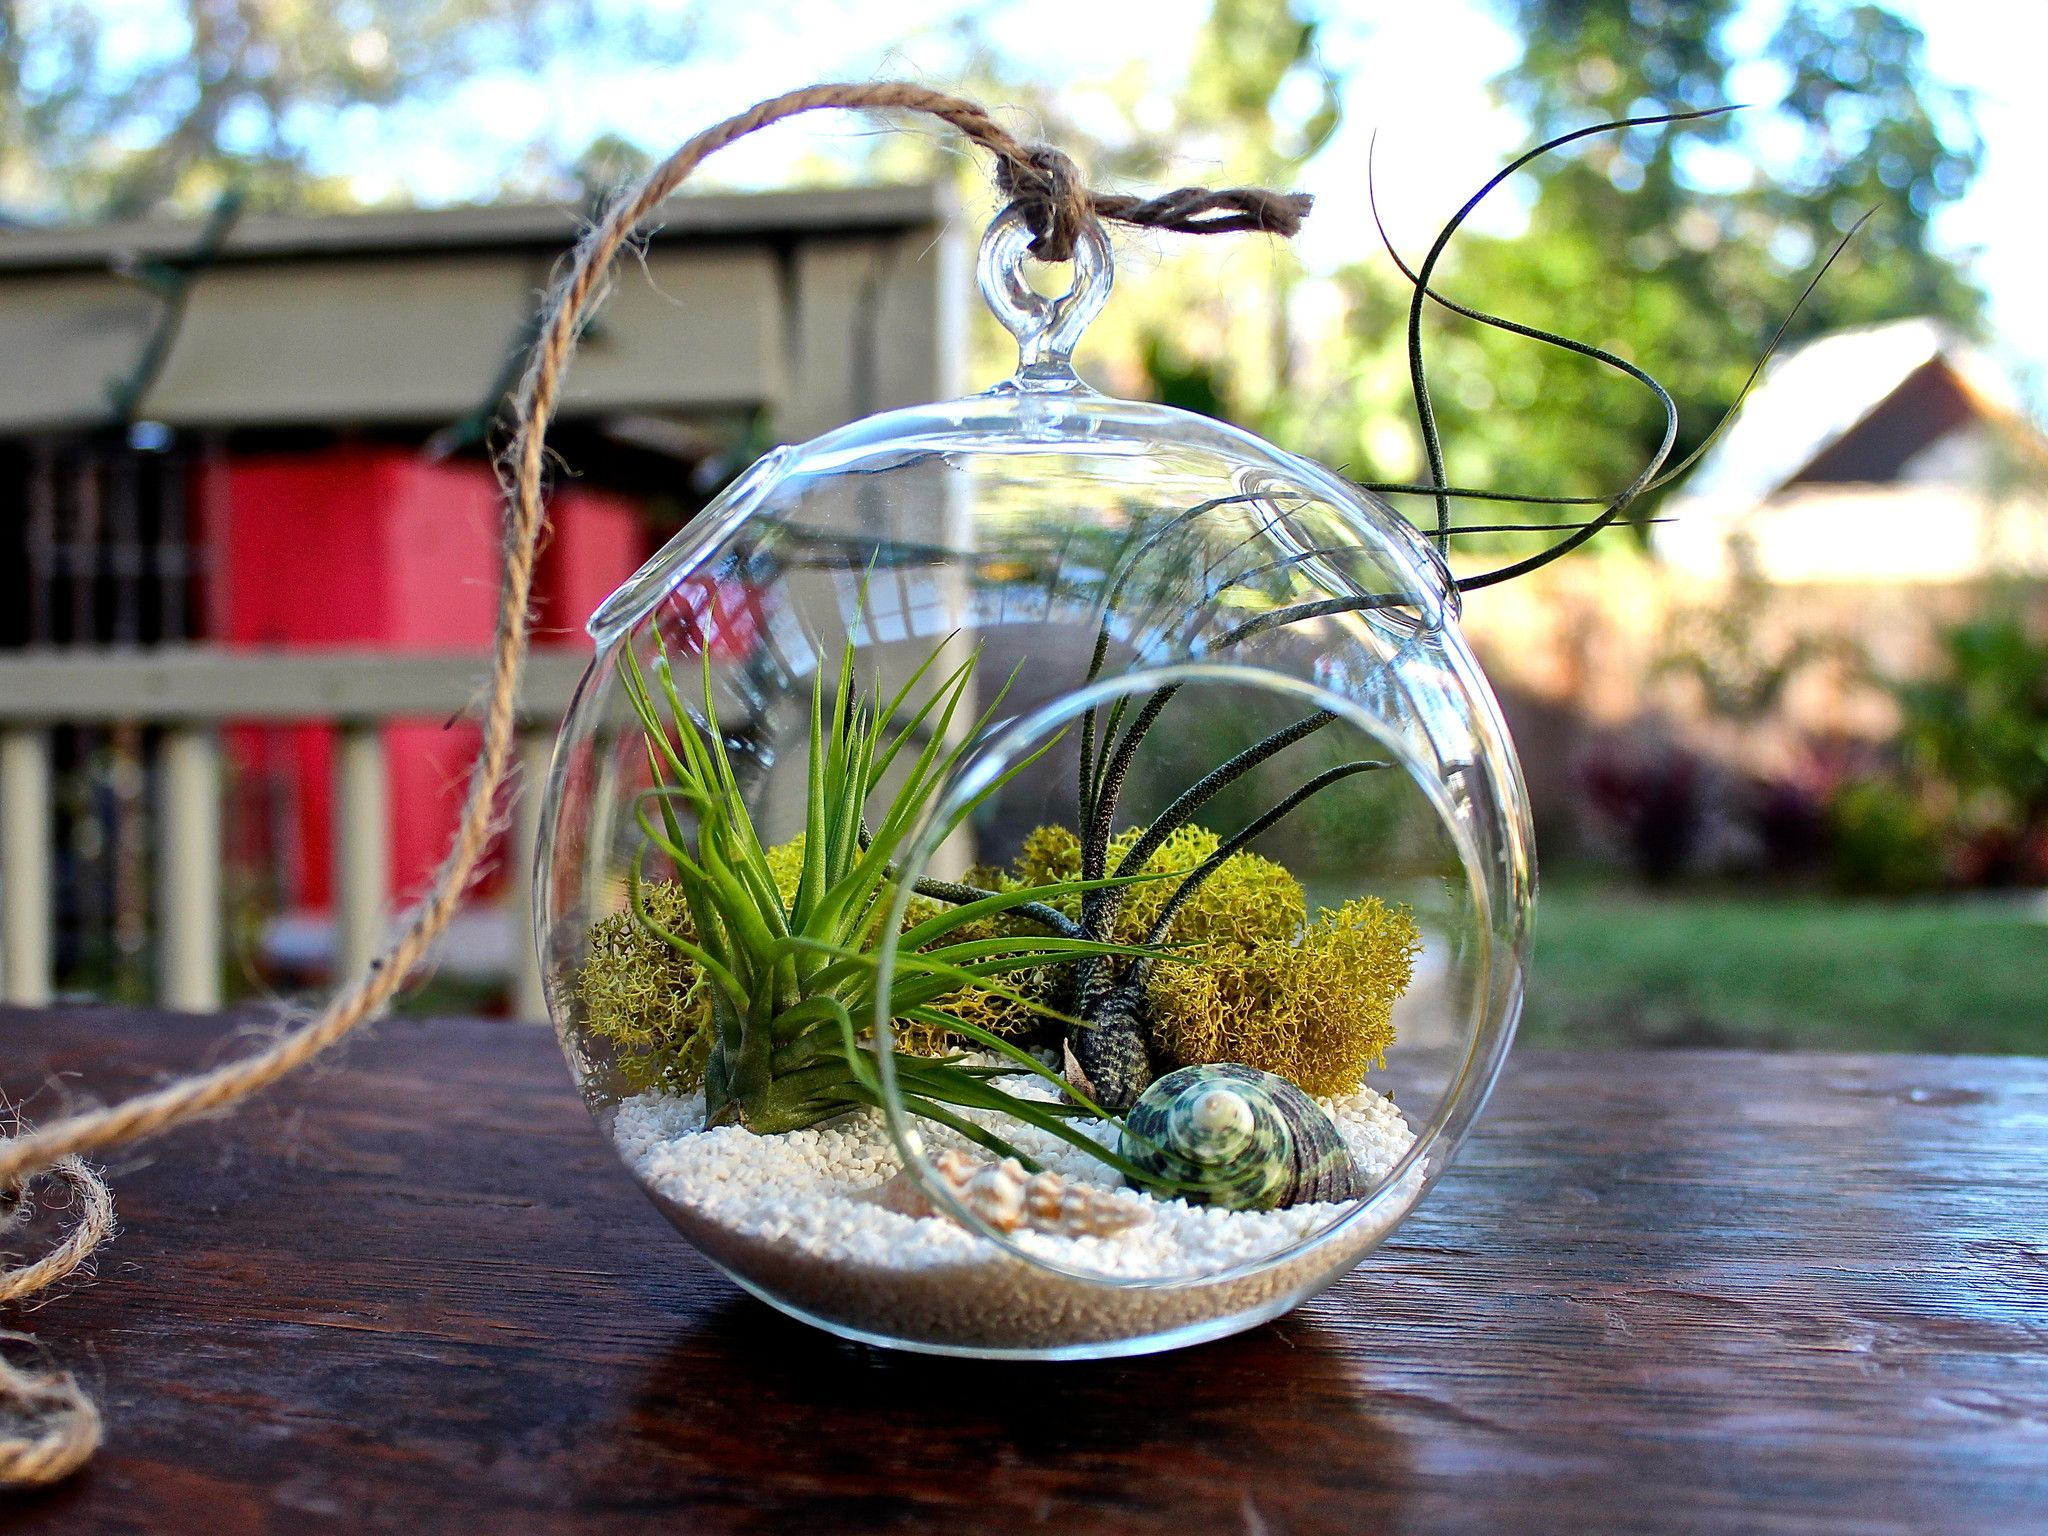 Terrario Per Piante Grasse diy: come fare un elegante terrario di piante grasse (video